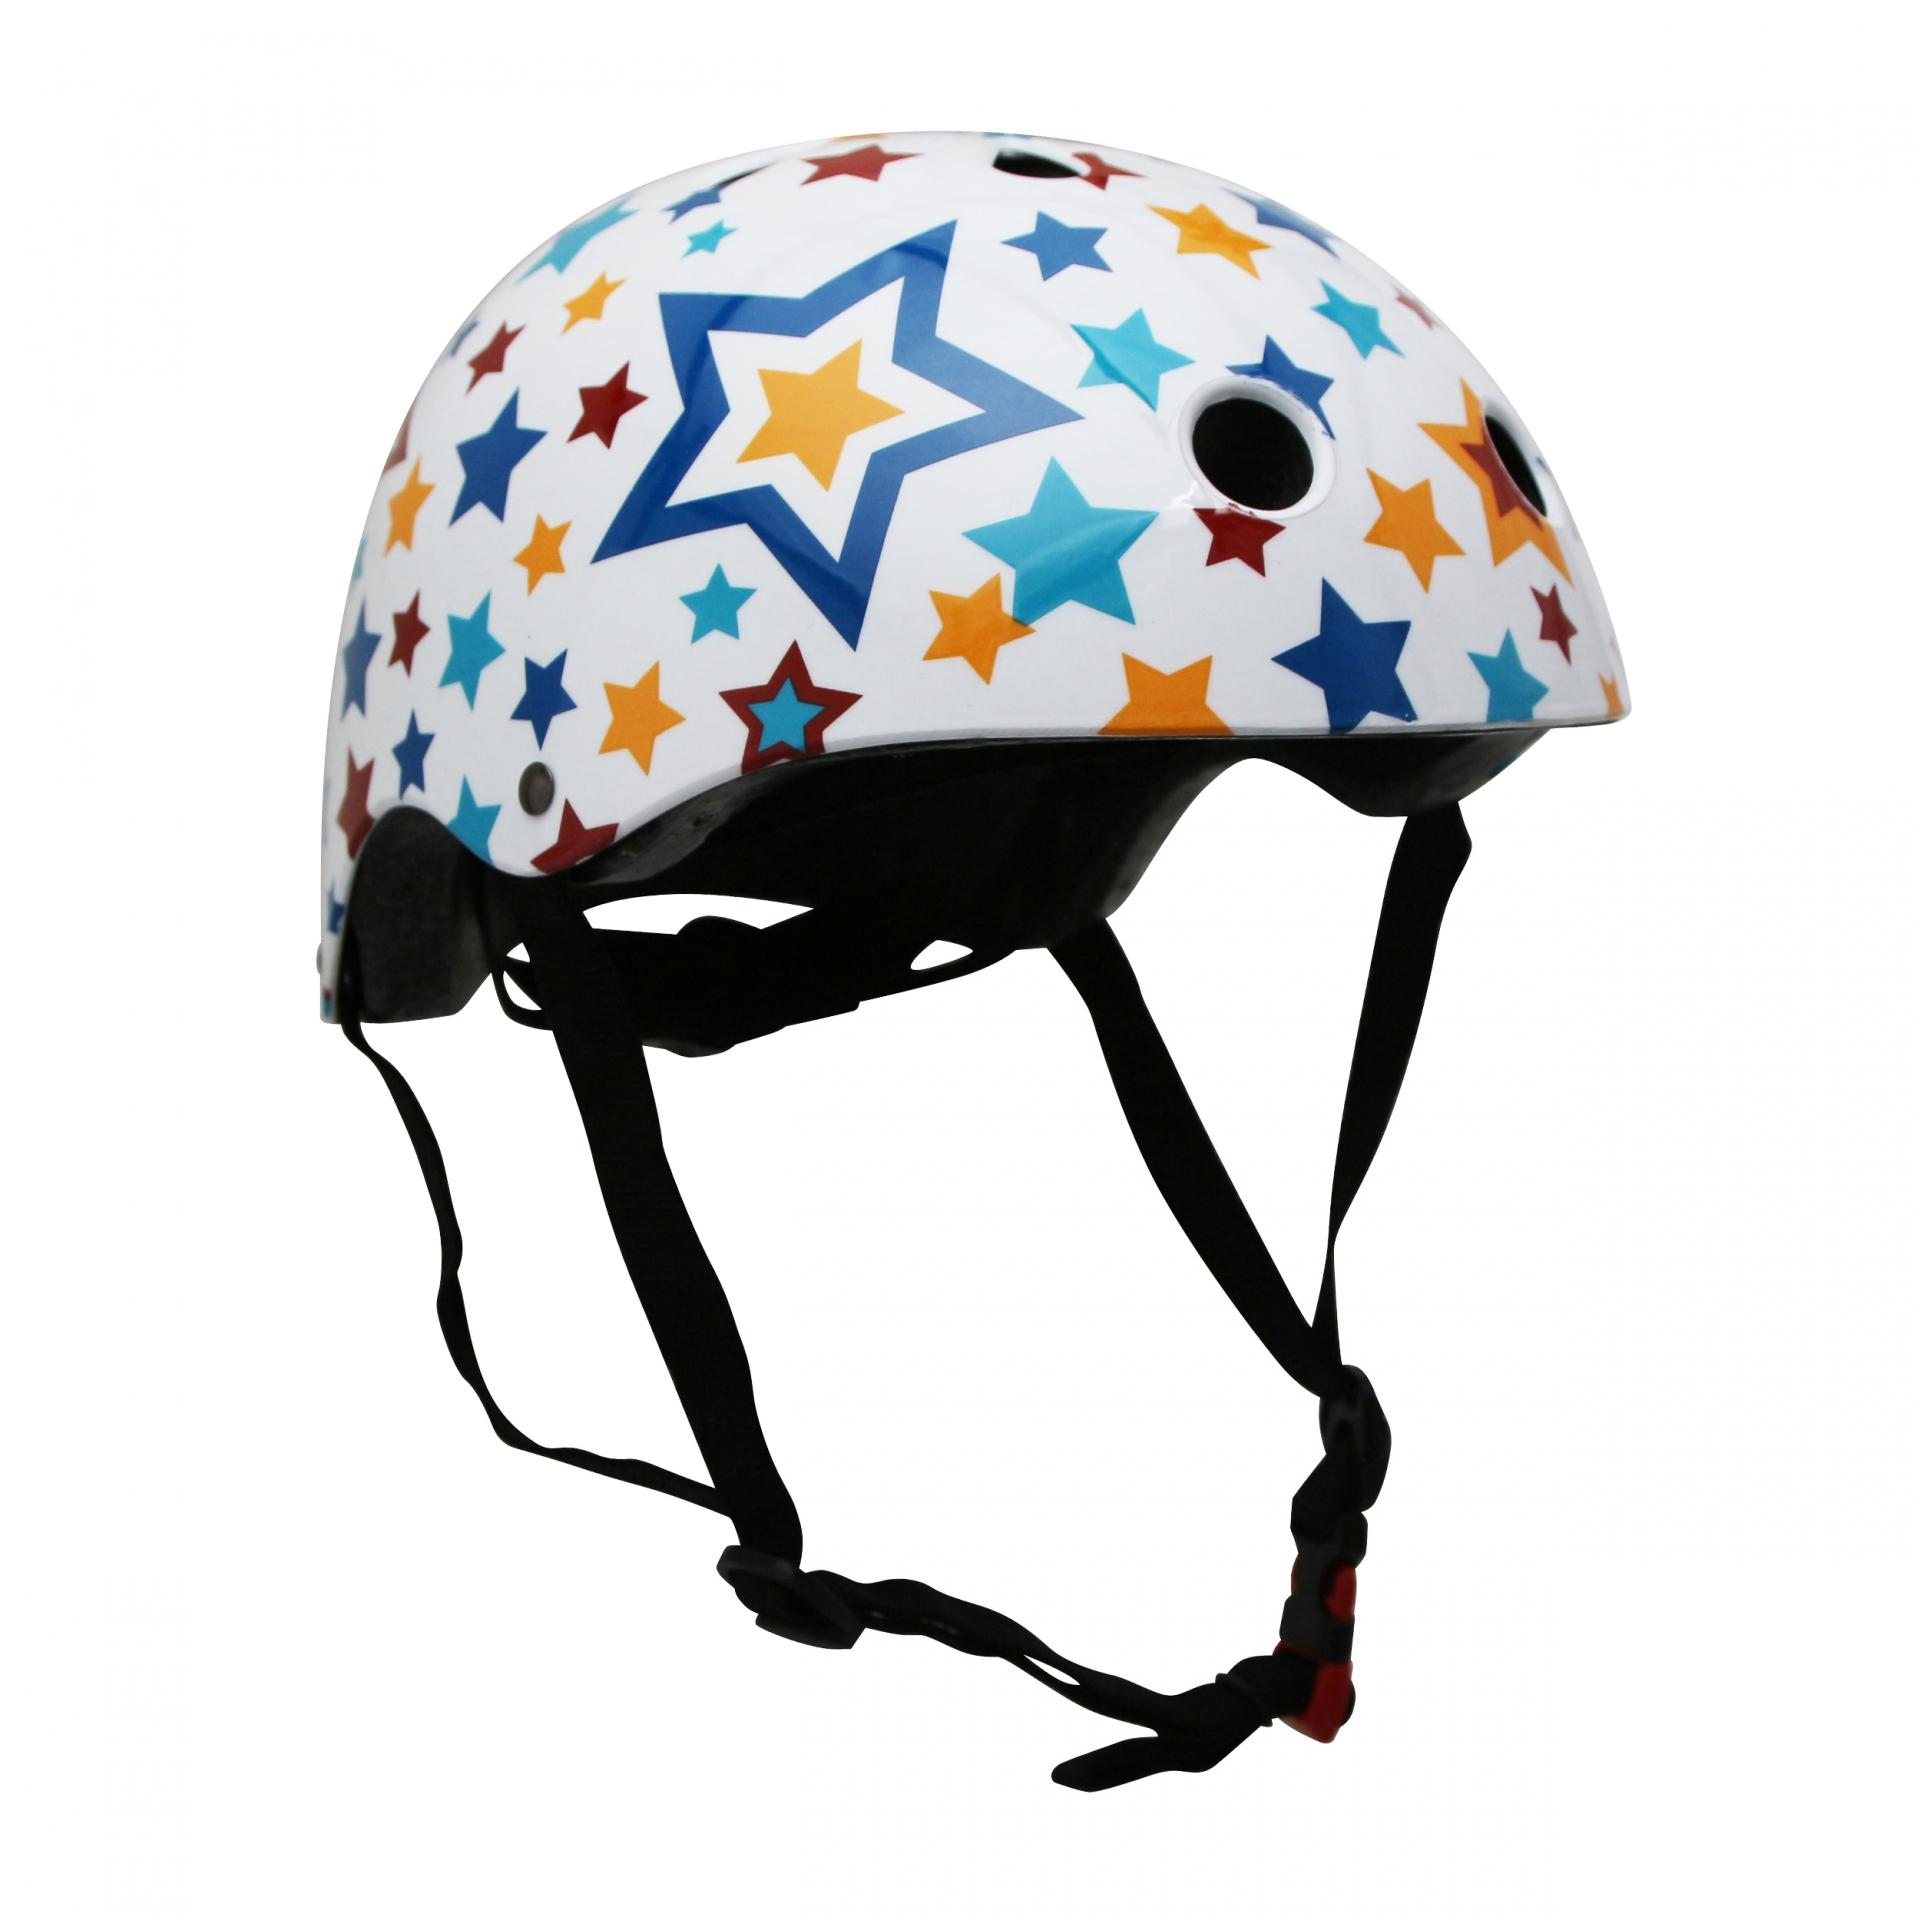 Casque vélo enfant Kiddimoto Étoile multicolore - M (53-58 cm)